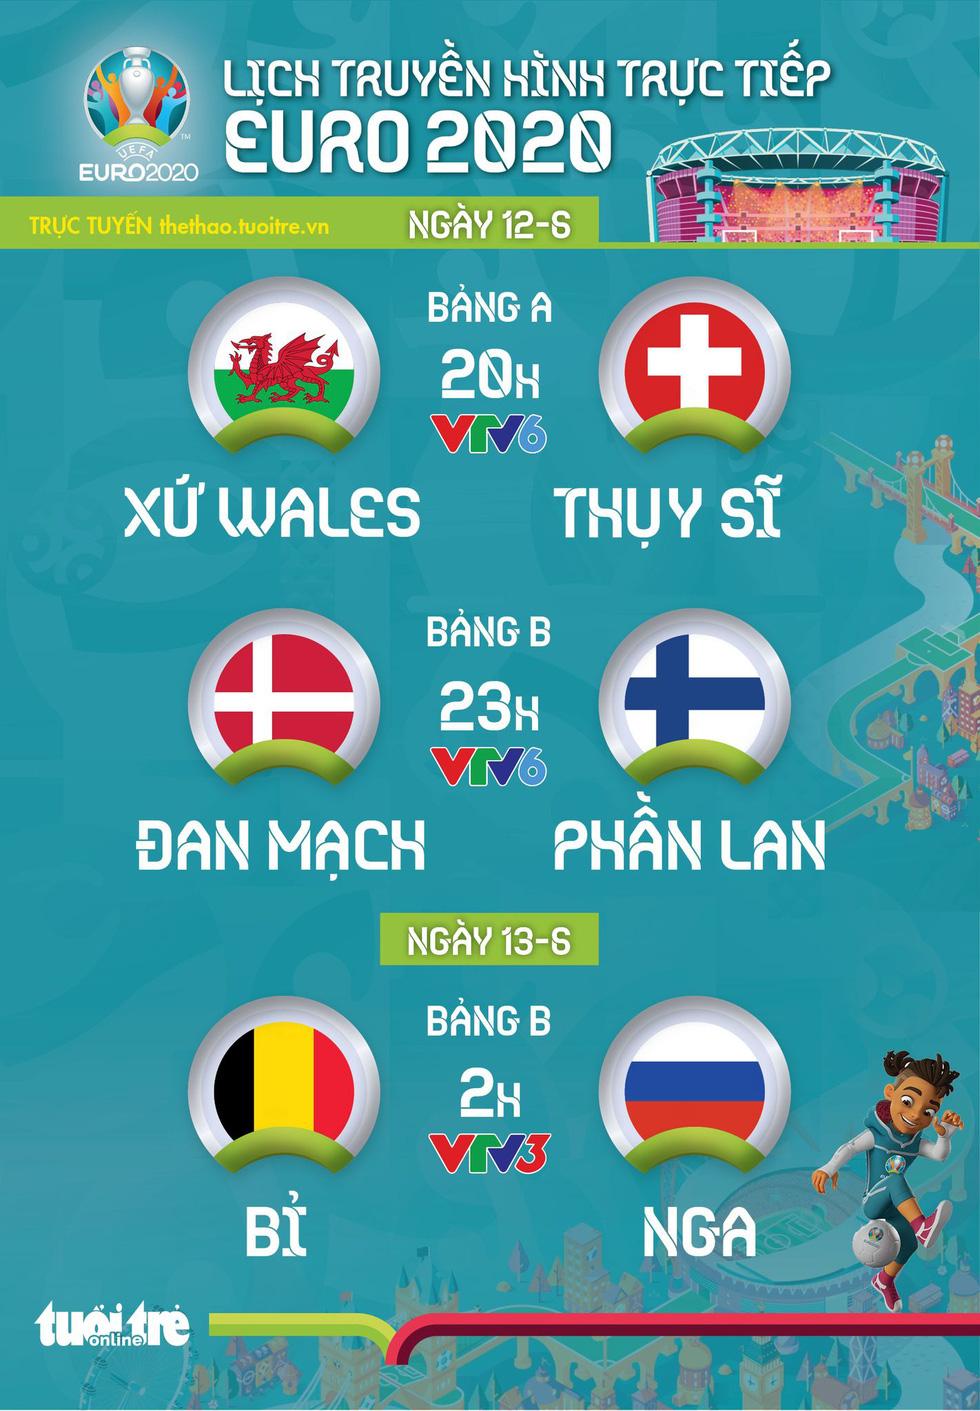 Lịch trực tiếp Euro 2020 ngày 12-6: Tâm điểm Bỉ - Nga, Xứ Wales - Thụy Sĩ, Đan Mạch - Phần Lan - Ảnh 1.